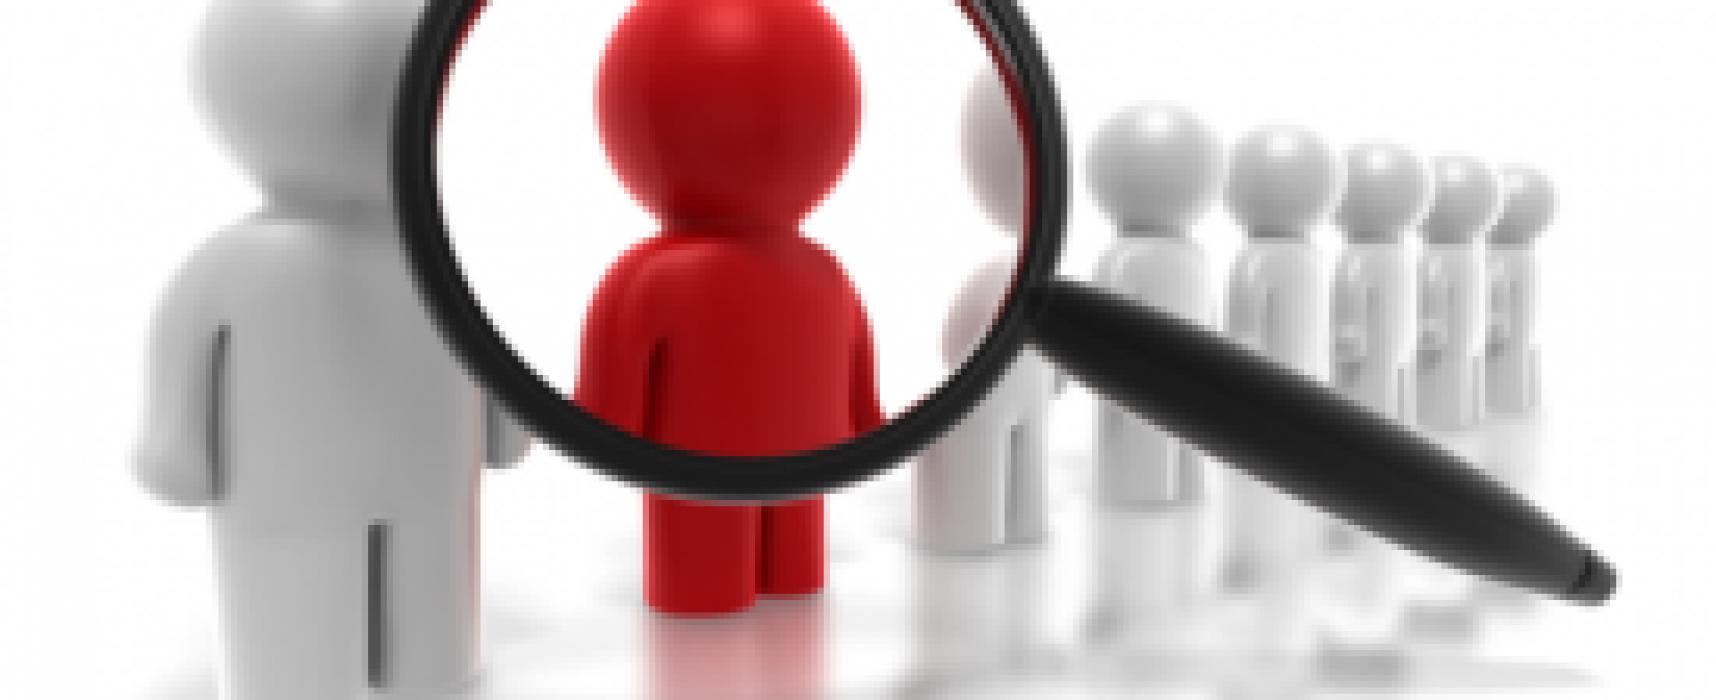 «Все ли врут» или как превратить интернет в детектор лжи